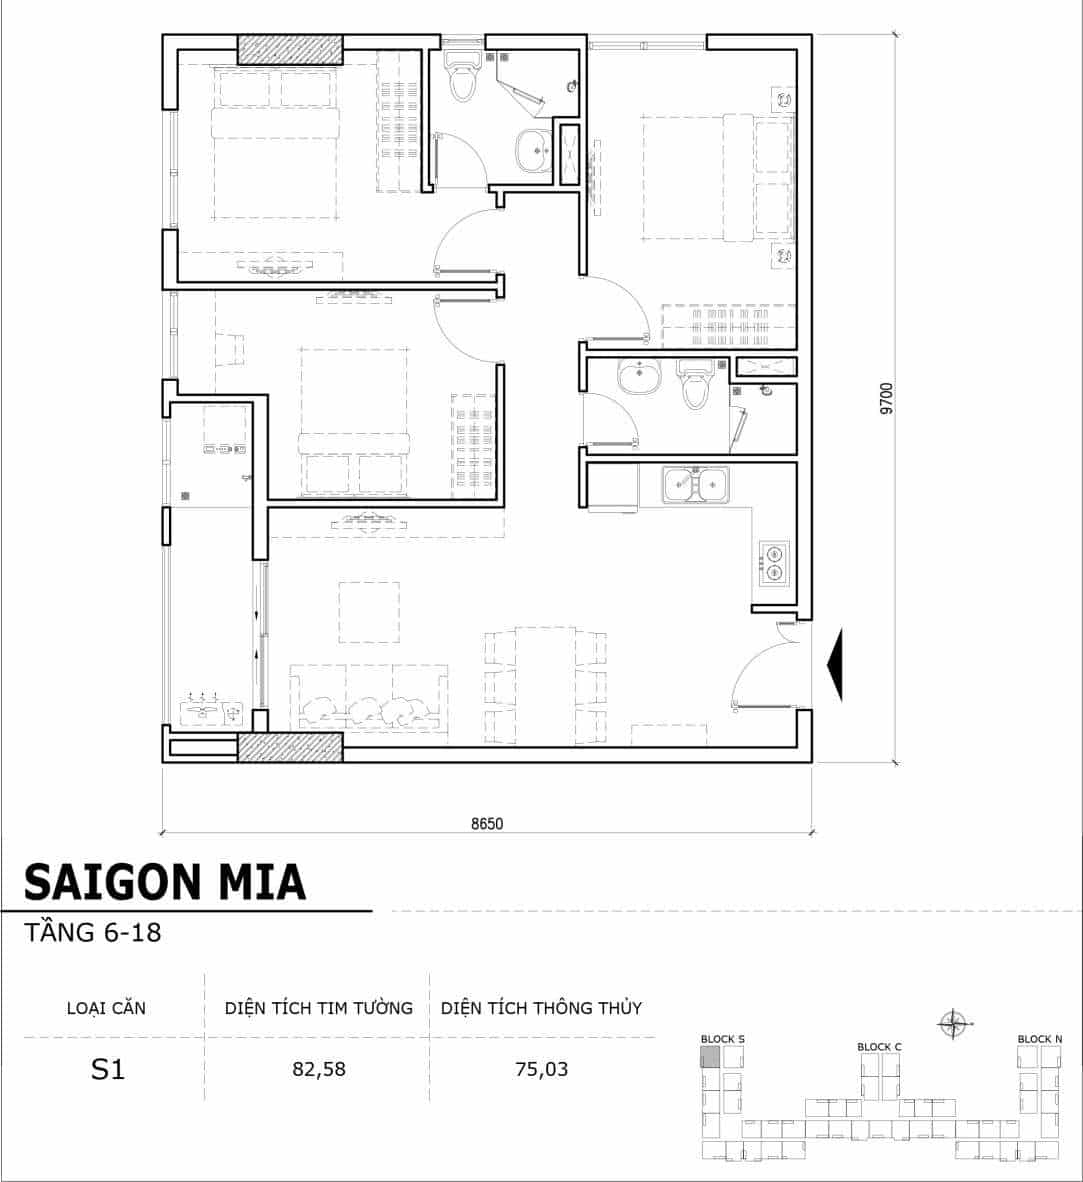 Chi tiết thiết kế căn hộ điển hình tầng 6-18 dự án Sài Gòn Mia - Căn S1